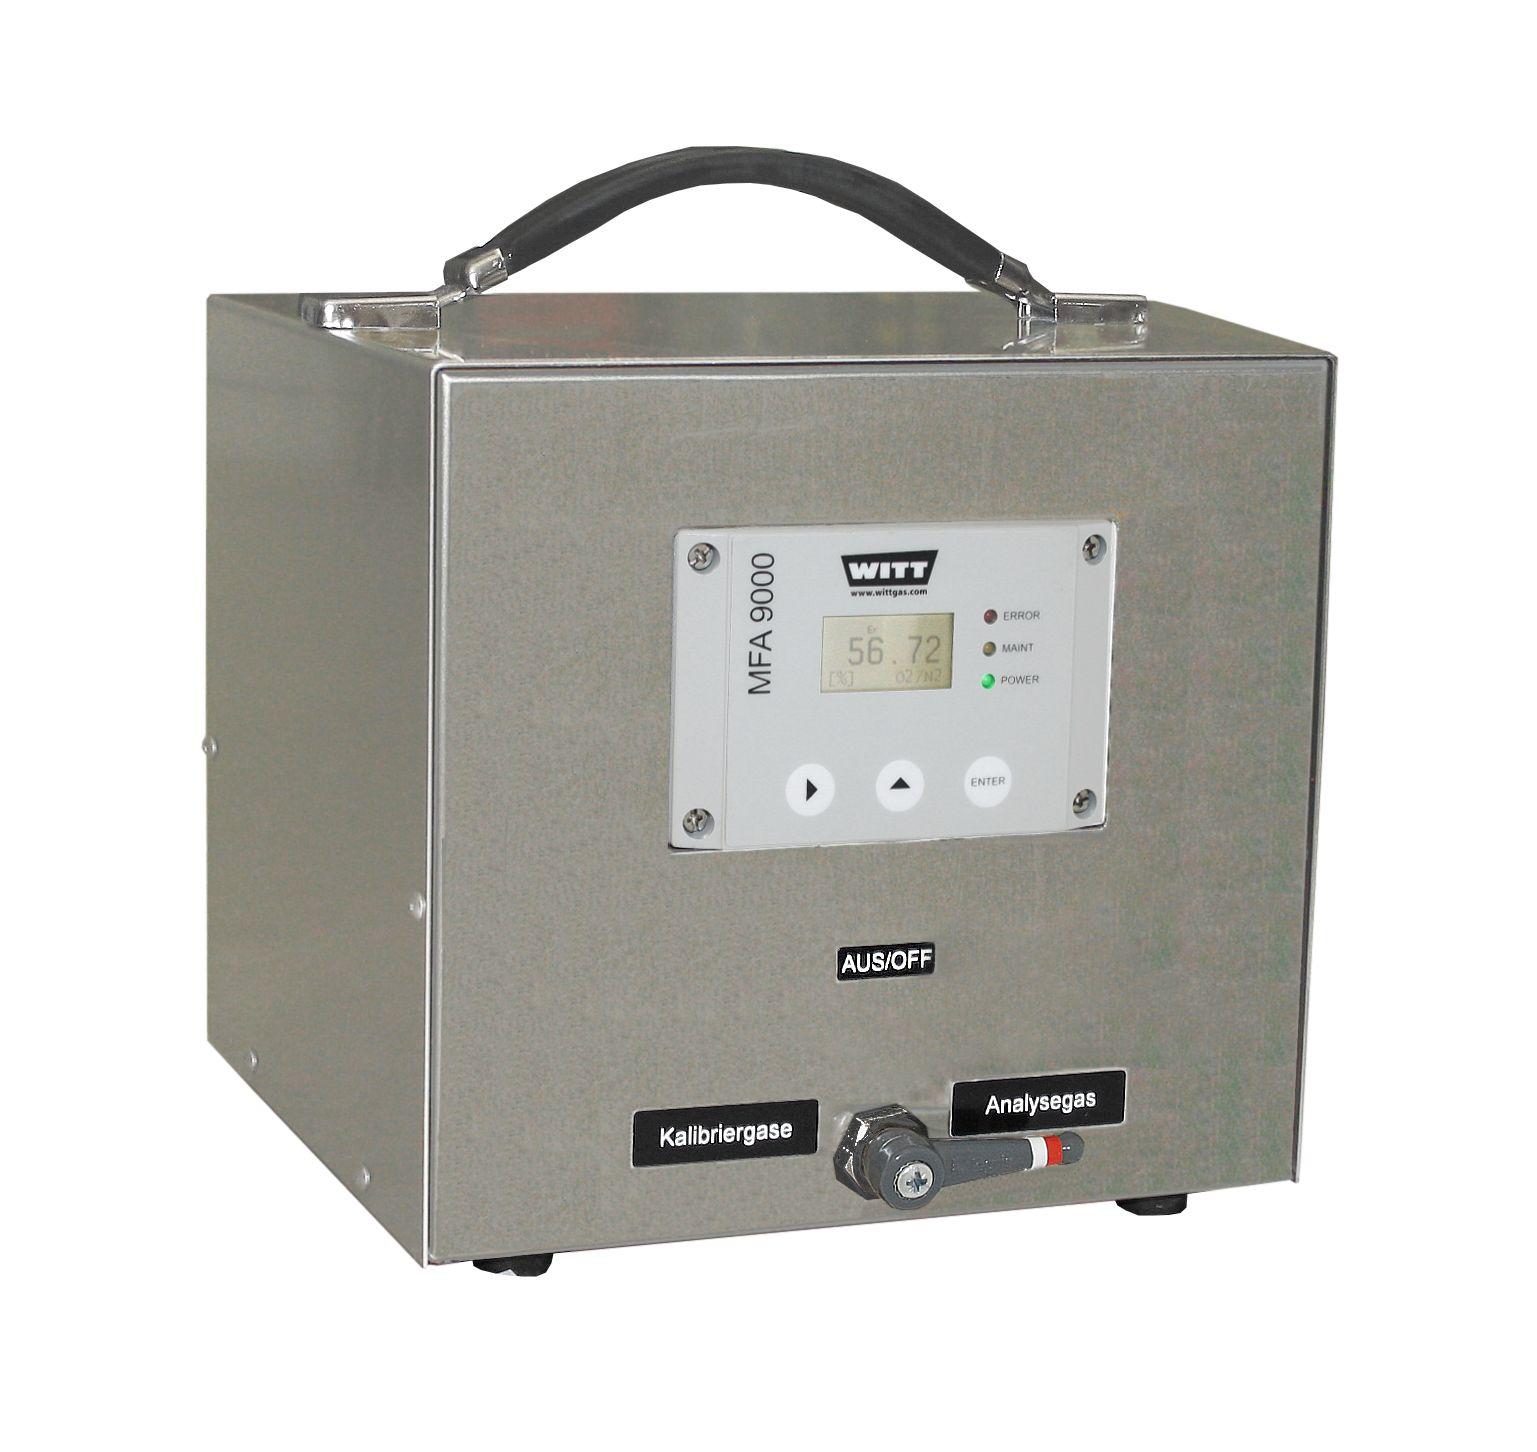 Analyseur compact mfa 9000 pour la mesure de 13 mélanges binaires de gaz